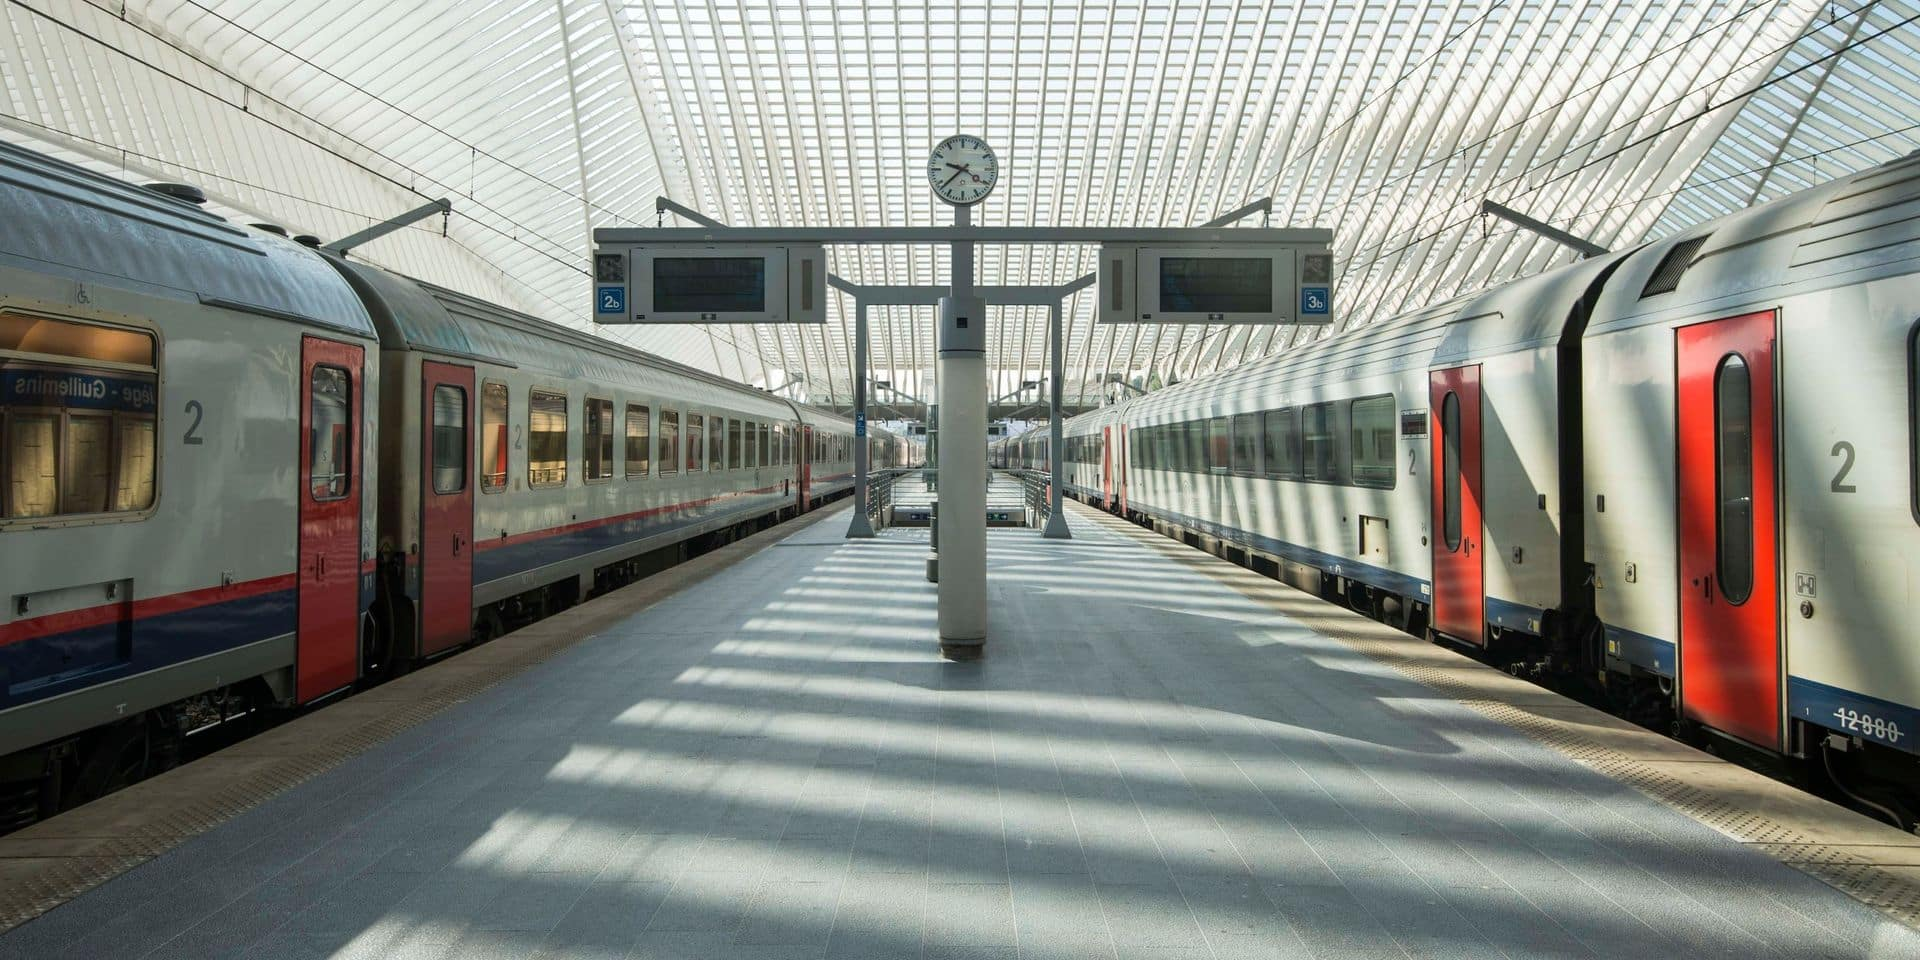 Le trafic ferroviaire interrompu durant plusieurs heures à Liège en raison d'une bagarre entre deux individus dangereux